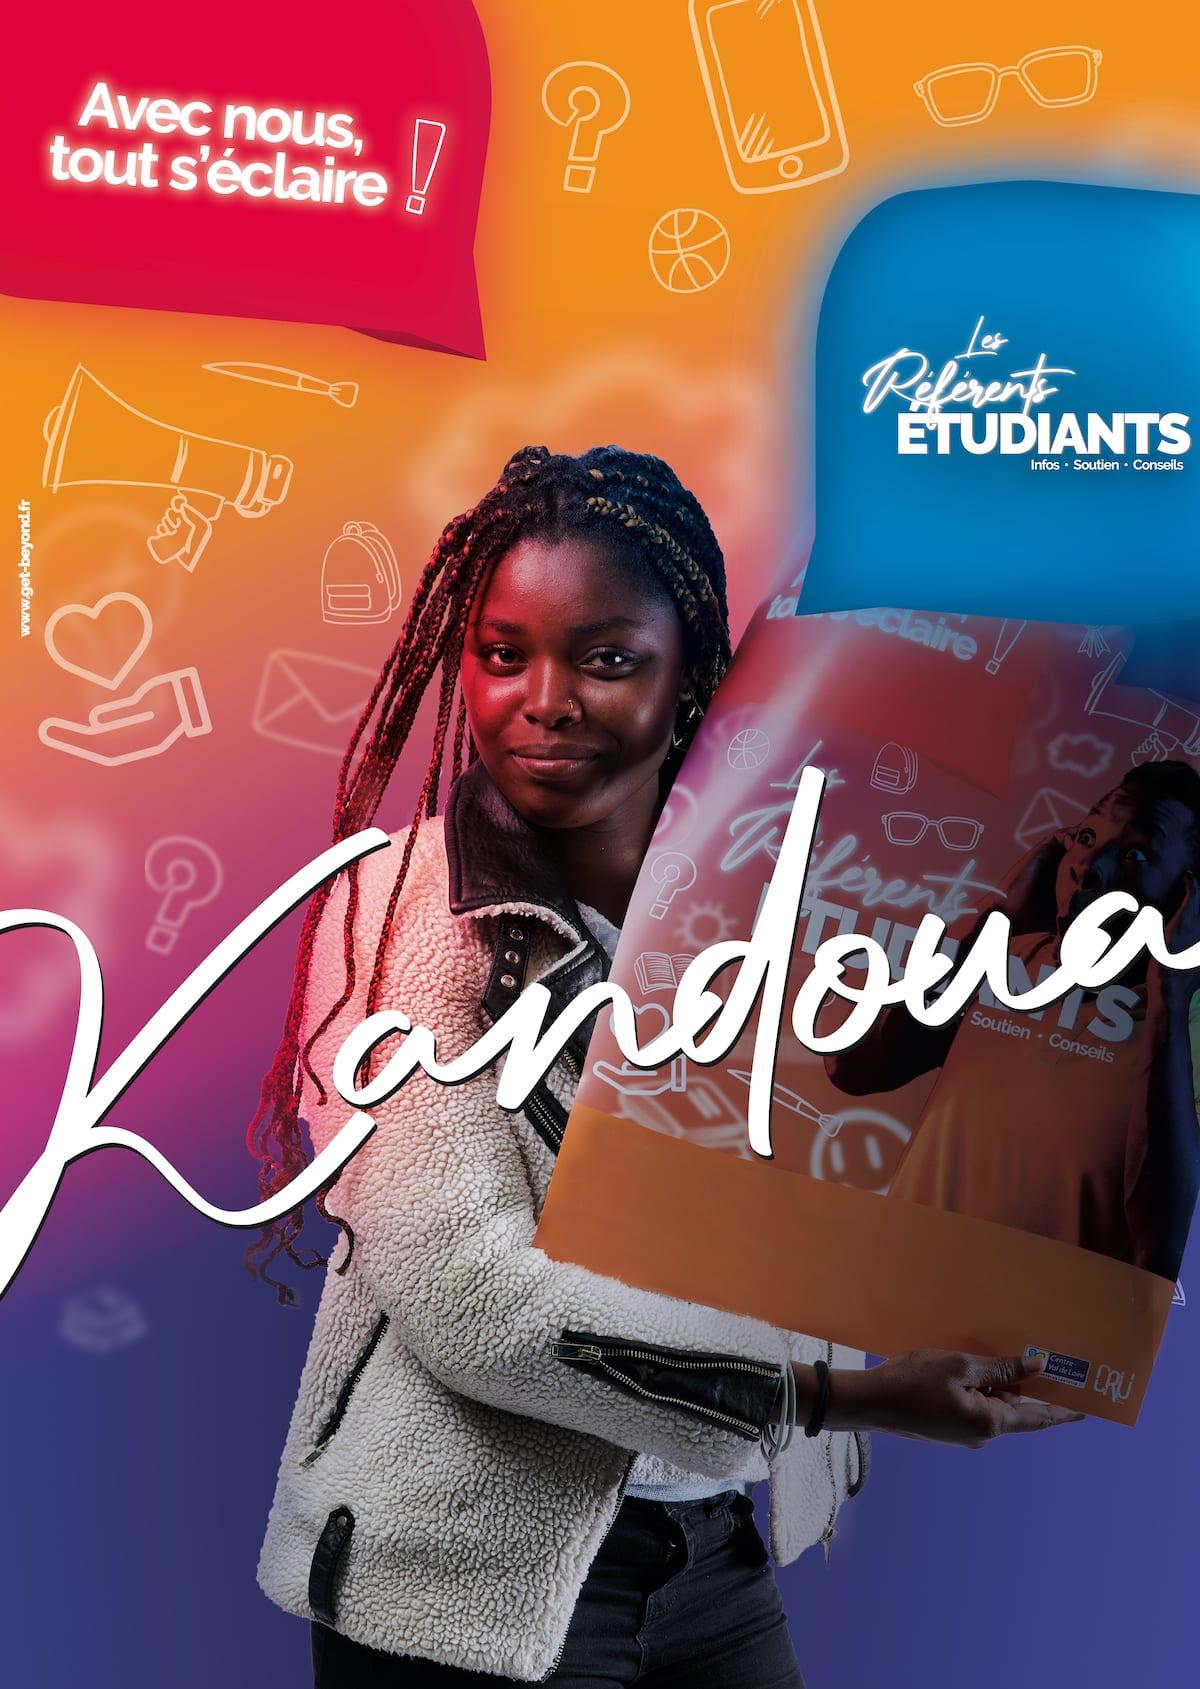 Affiche Kandoua - Reférents Etudiants - Bourges